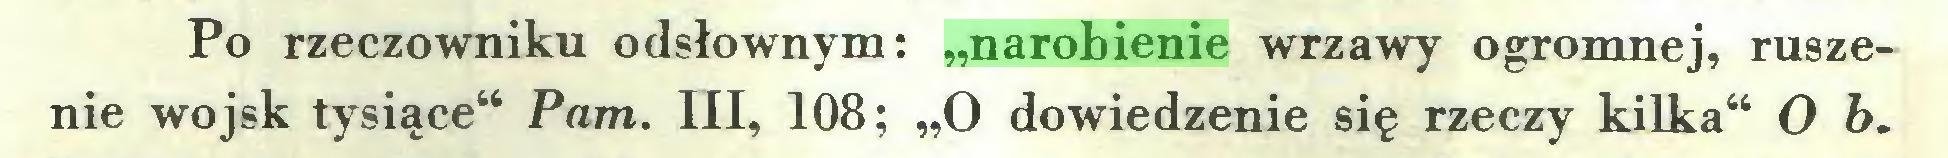 """(...) Po rzeczowniku odsłownym: """"narobienie wrzawy ogromnej, ruszenie wojsk tysiące"""" Pam. III, 108; """"O dowiedzenie się rzeczy kilka"""" O b..."""